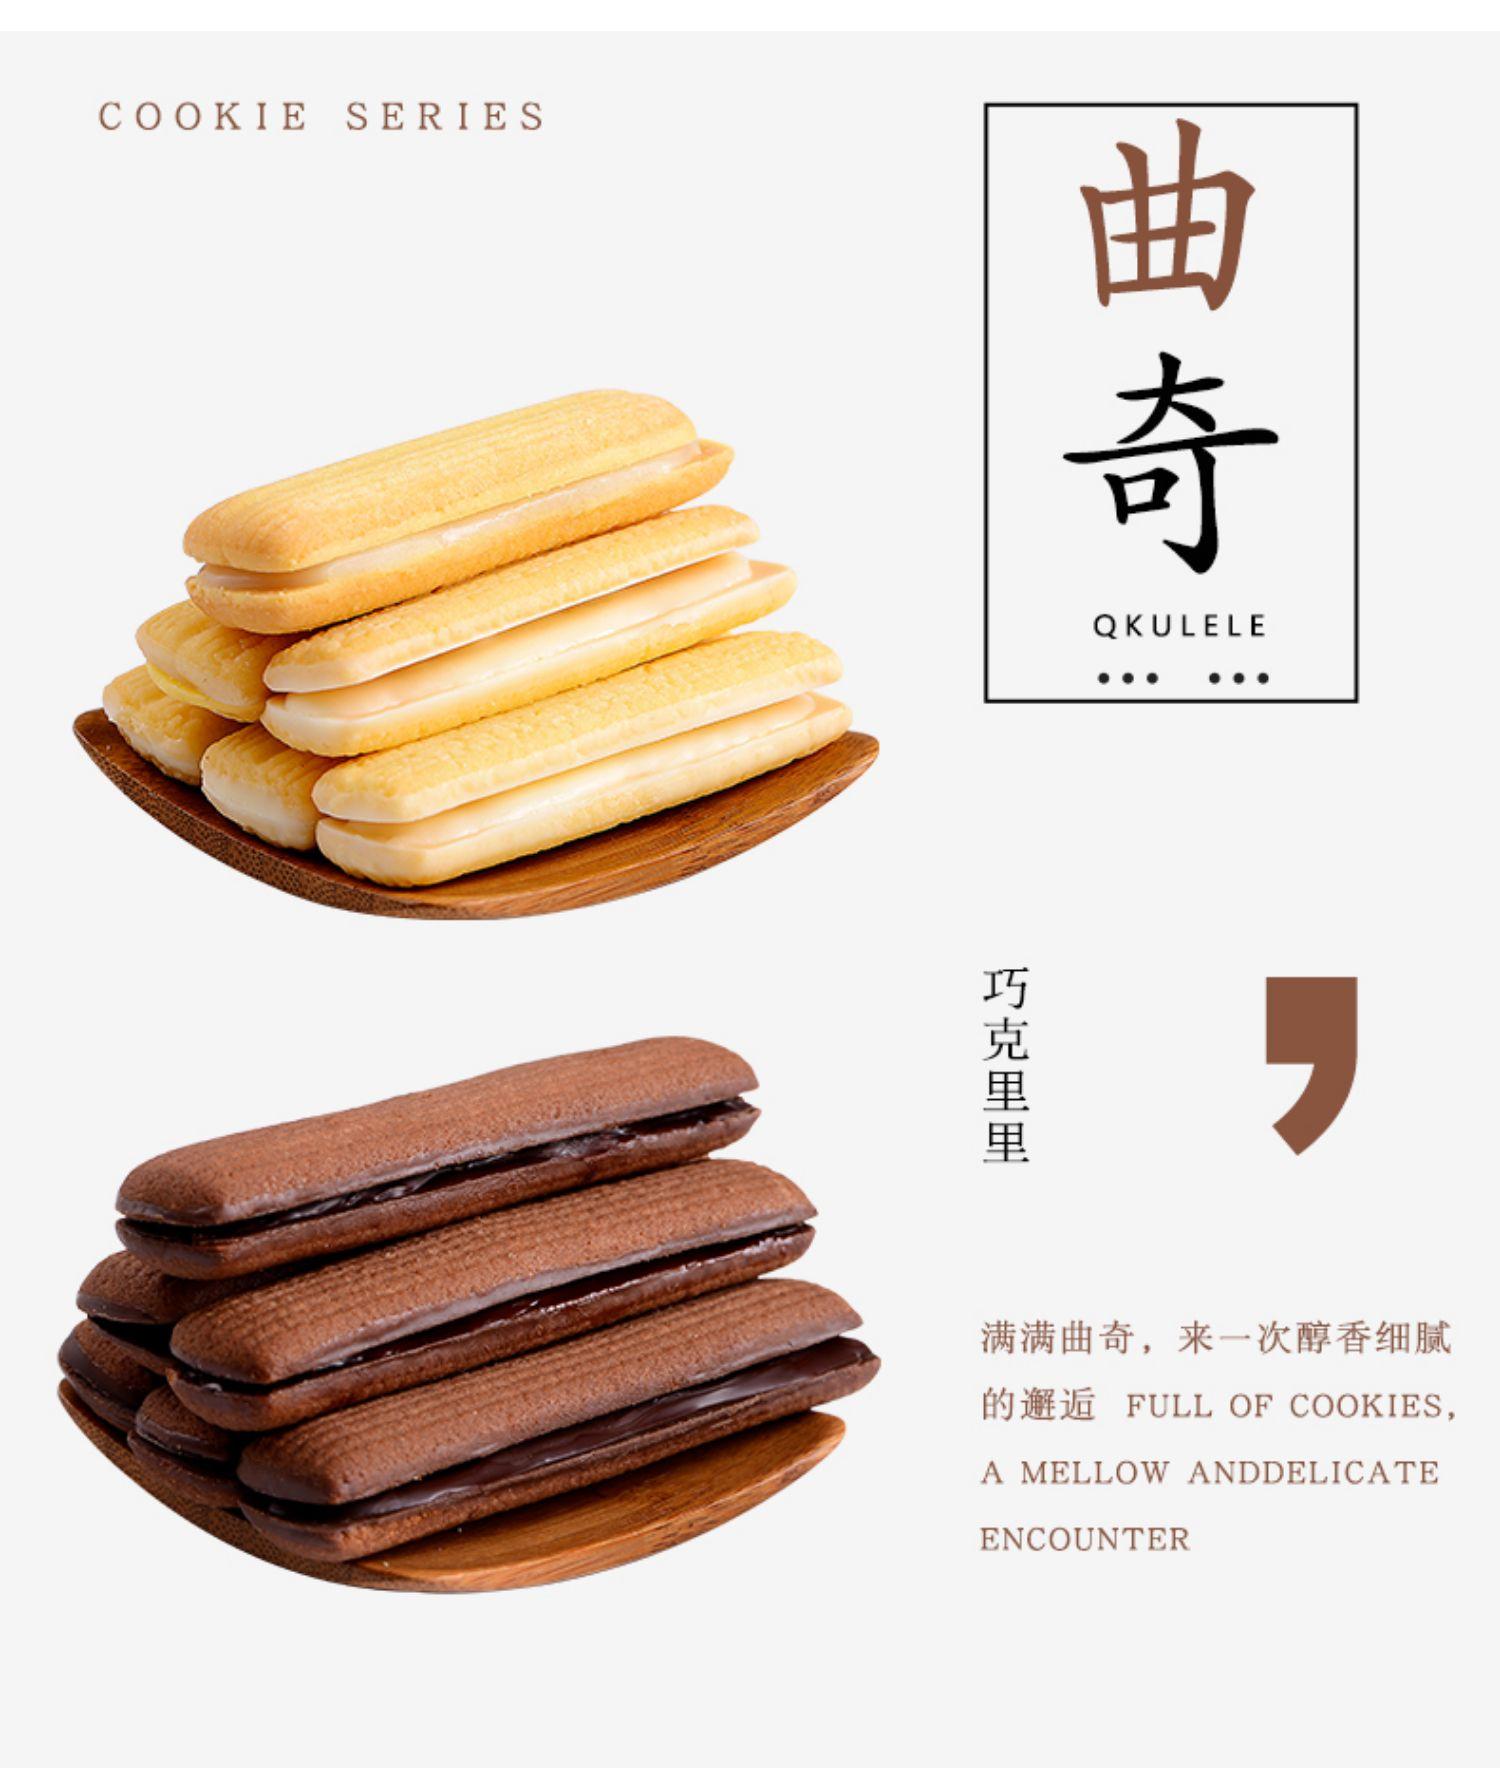 拍9件【巧克里里】夹心曲奇饼干